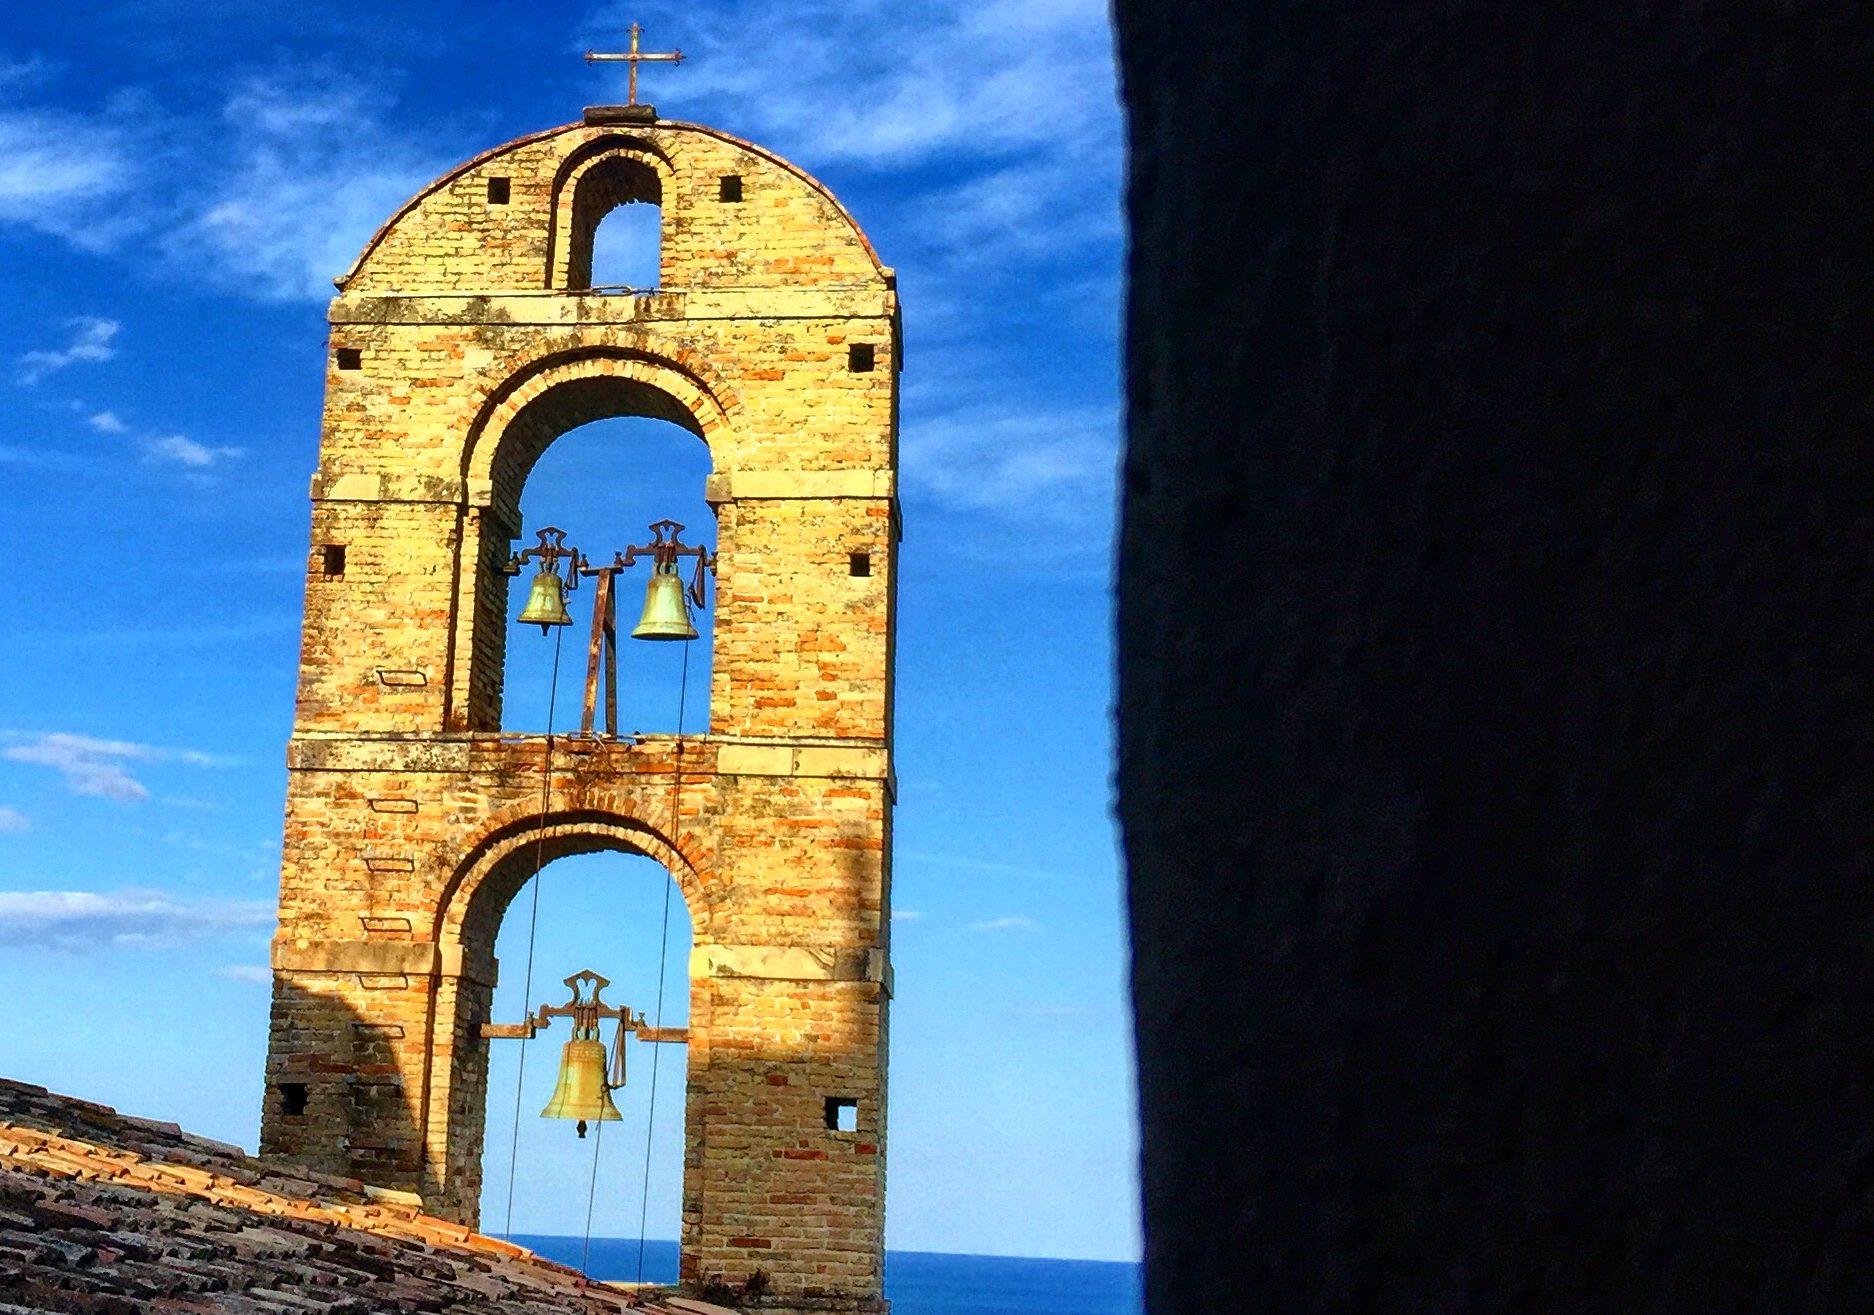 Chiesa S. Lucia in Grottammare